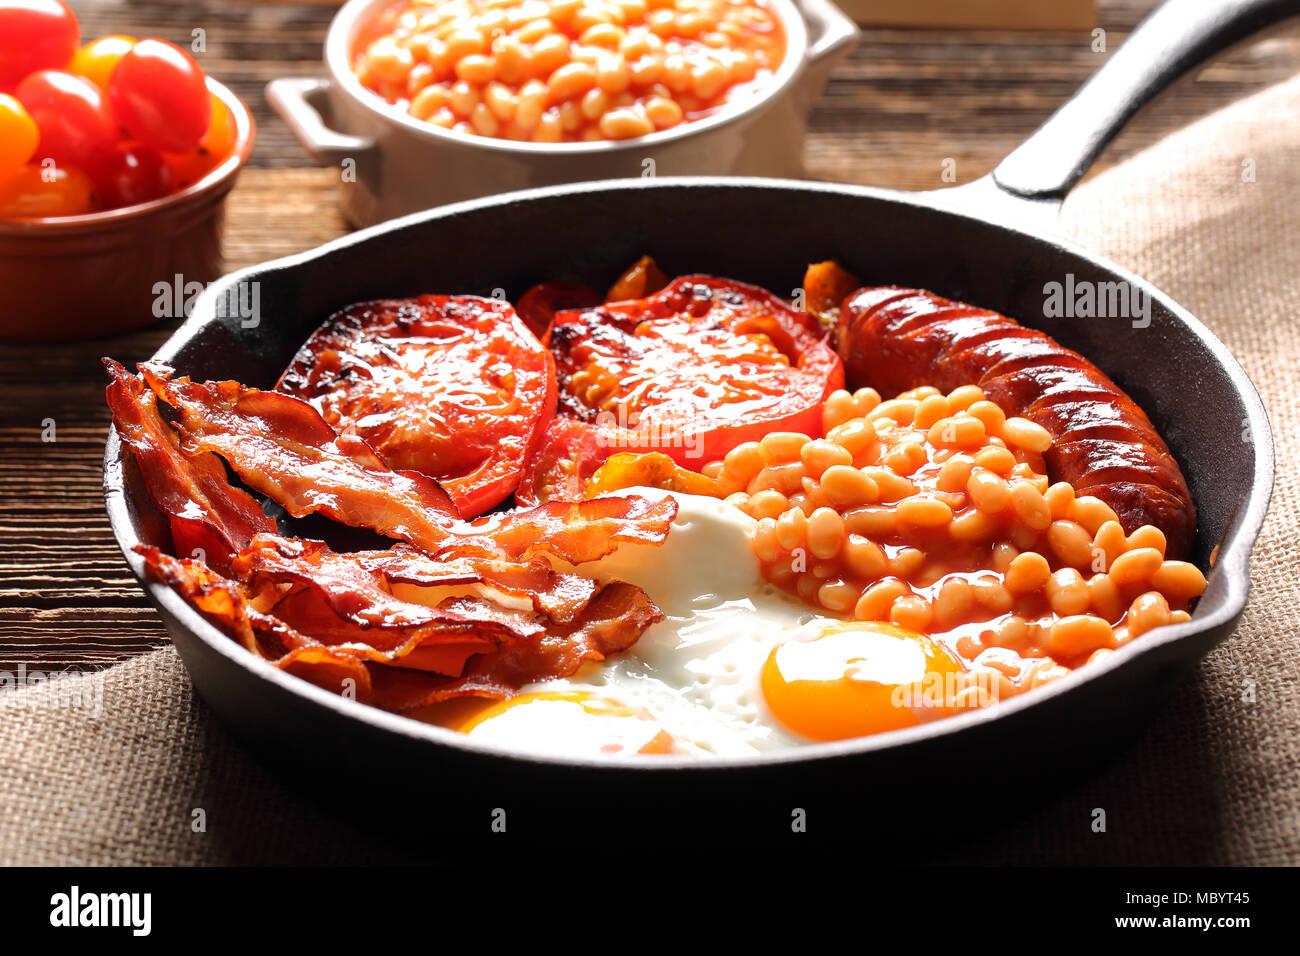 Desayuno inglés con salchichas, tomates asados, huevos, tocino y frijoles en la sartén. Imagen De Stock